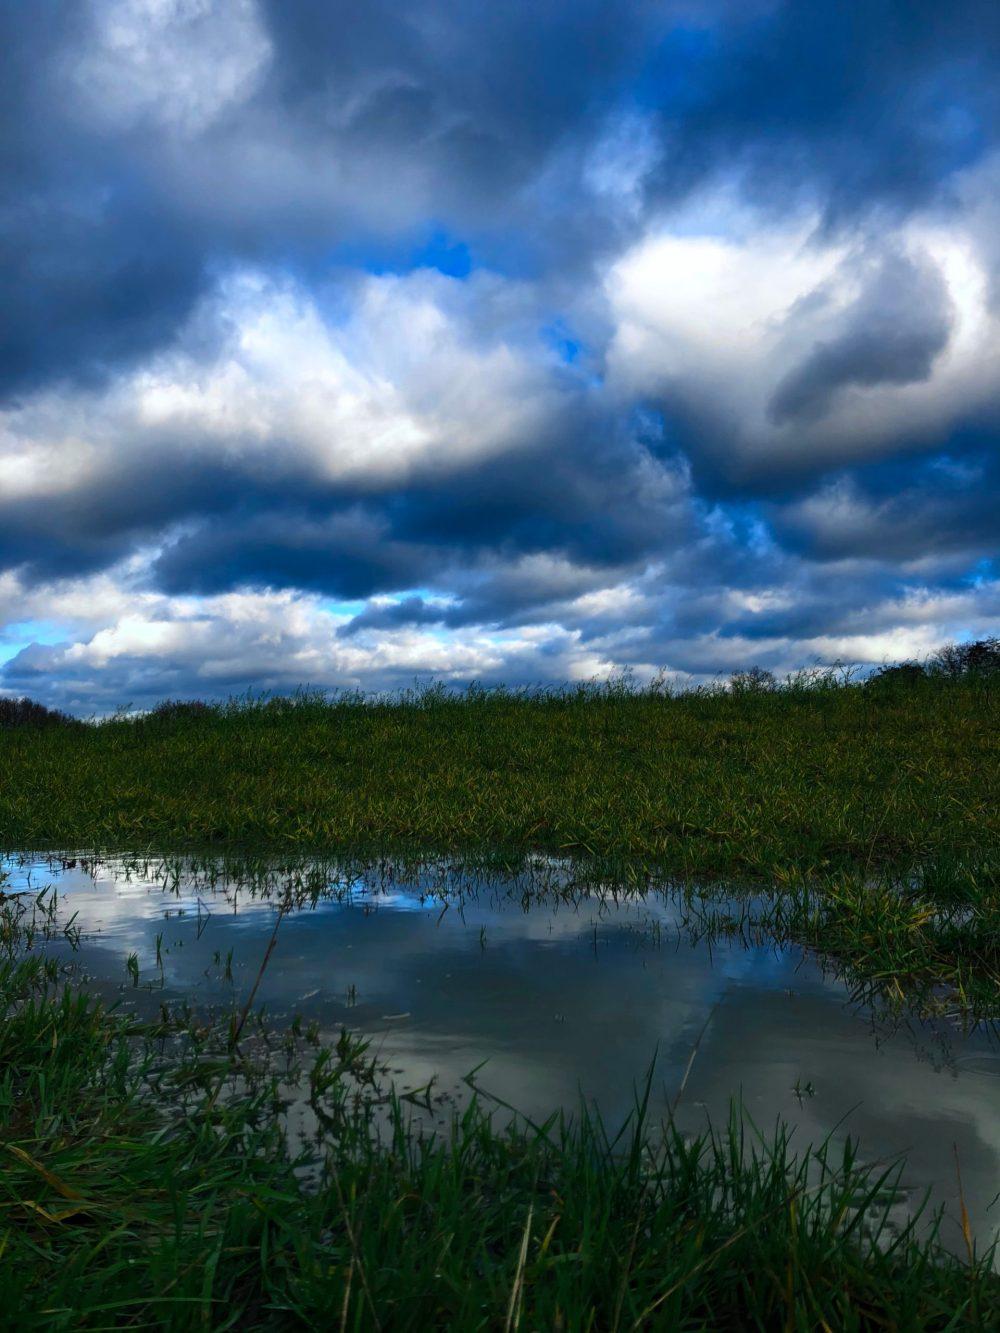 Wolkenspiegelung mit geringer Belichtung und kälterem Farbton bearbeitet